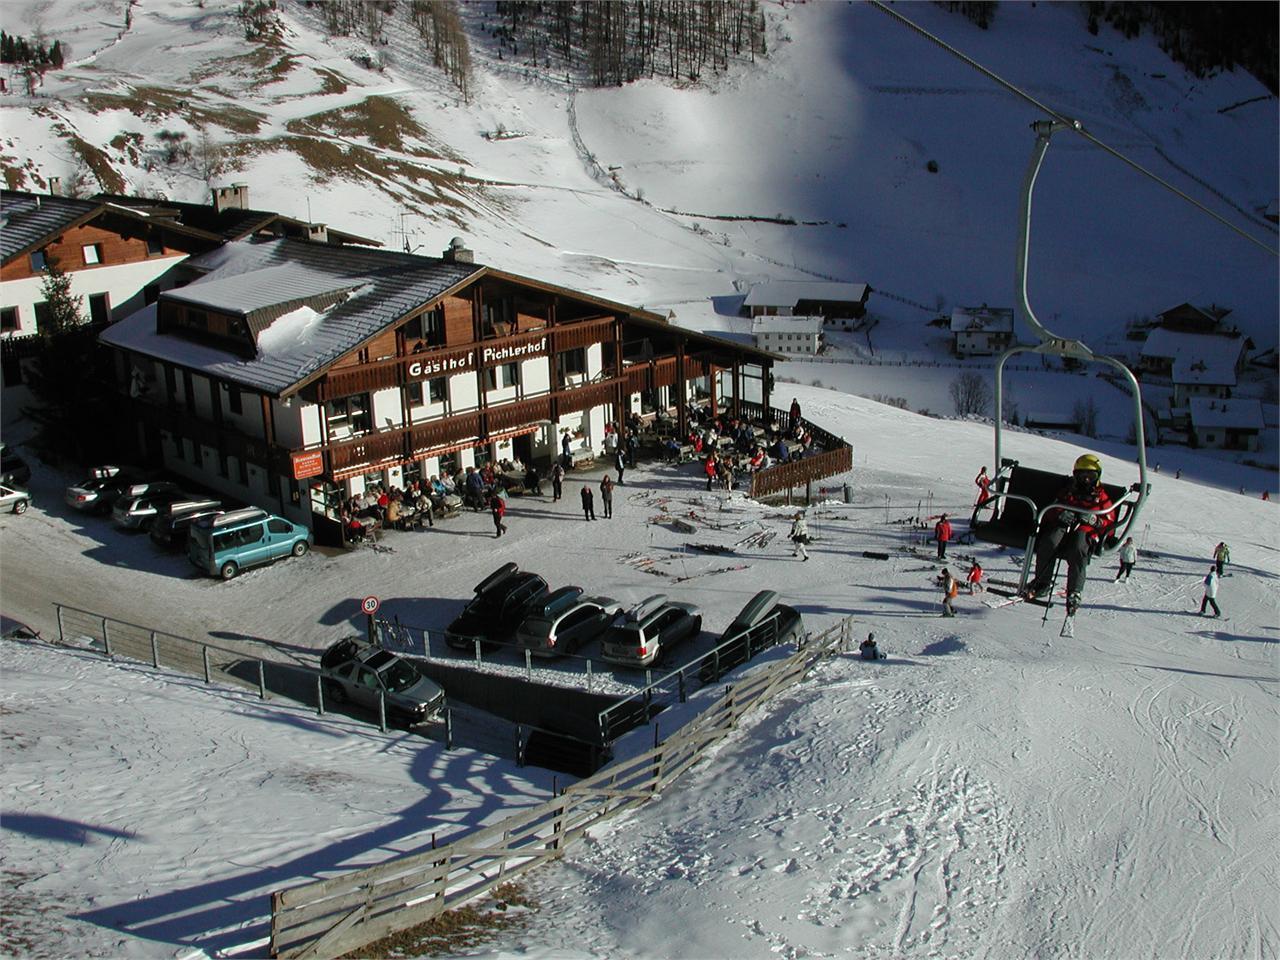 Noleggio sci Pichlerhof